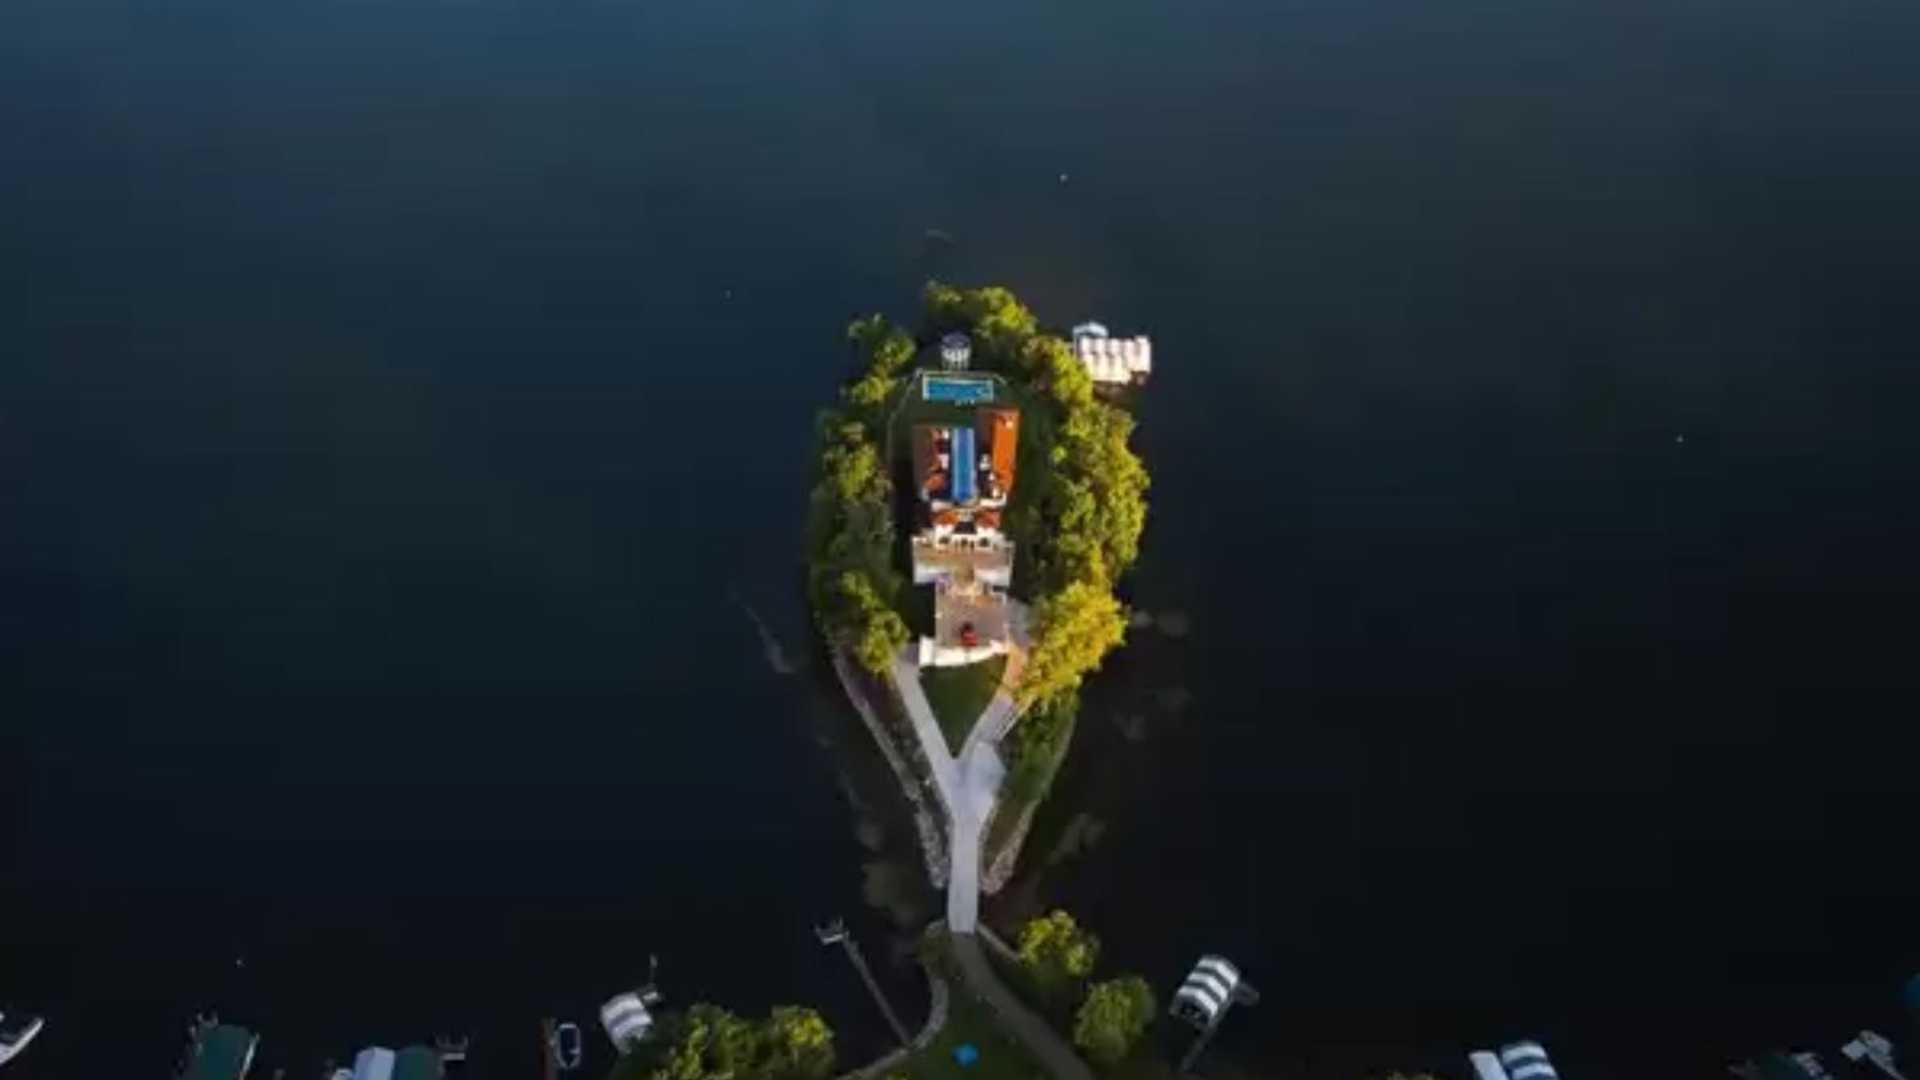 Kilátás a tóra, saját mozi, és nyolcautós garázs jár ehhez az álomotthonhoz 1